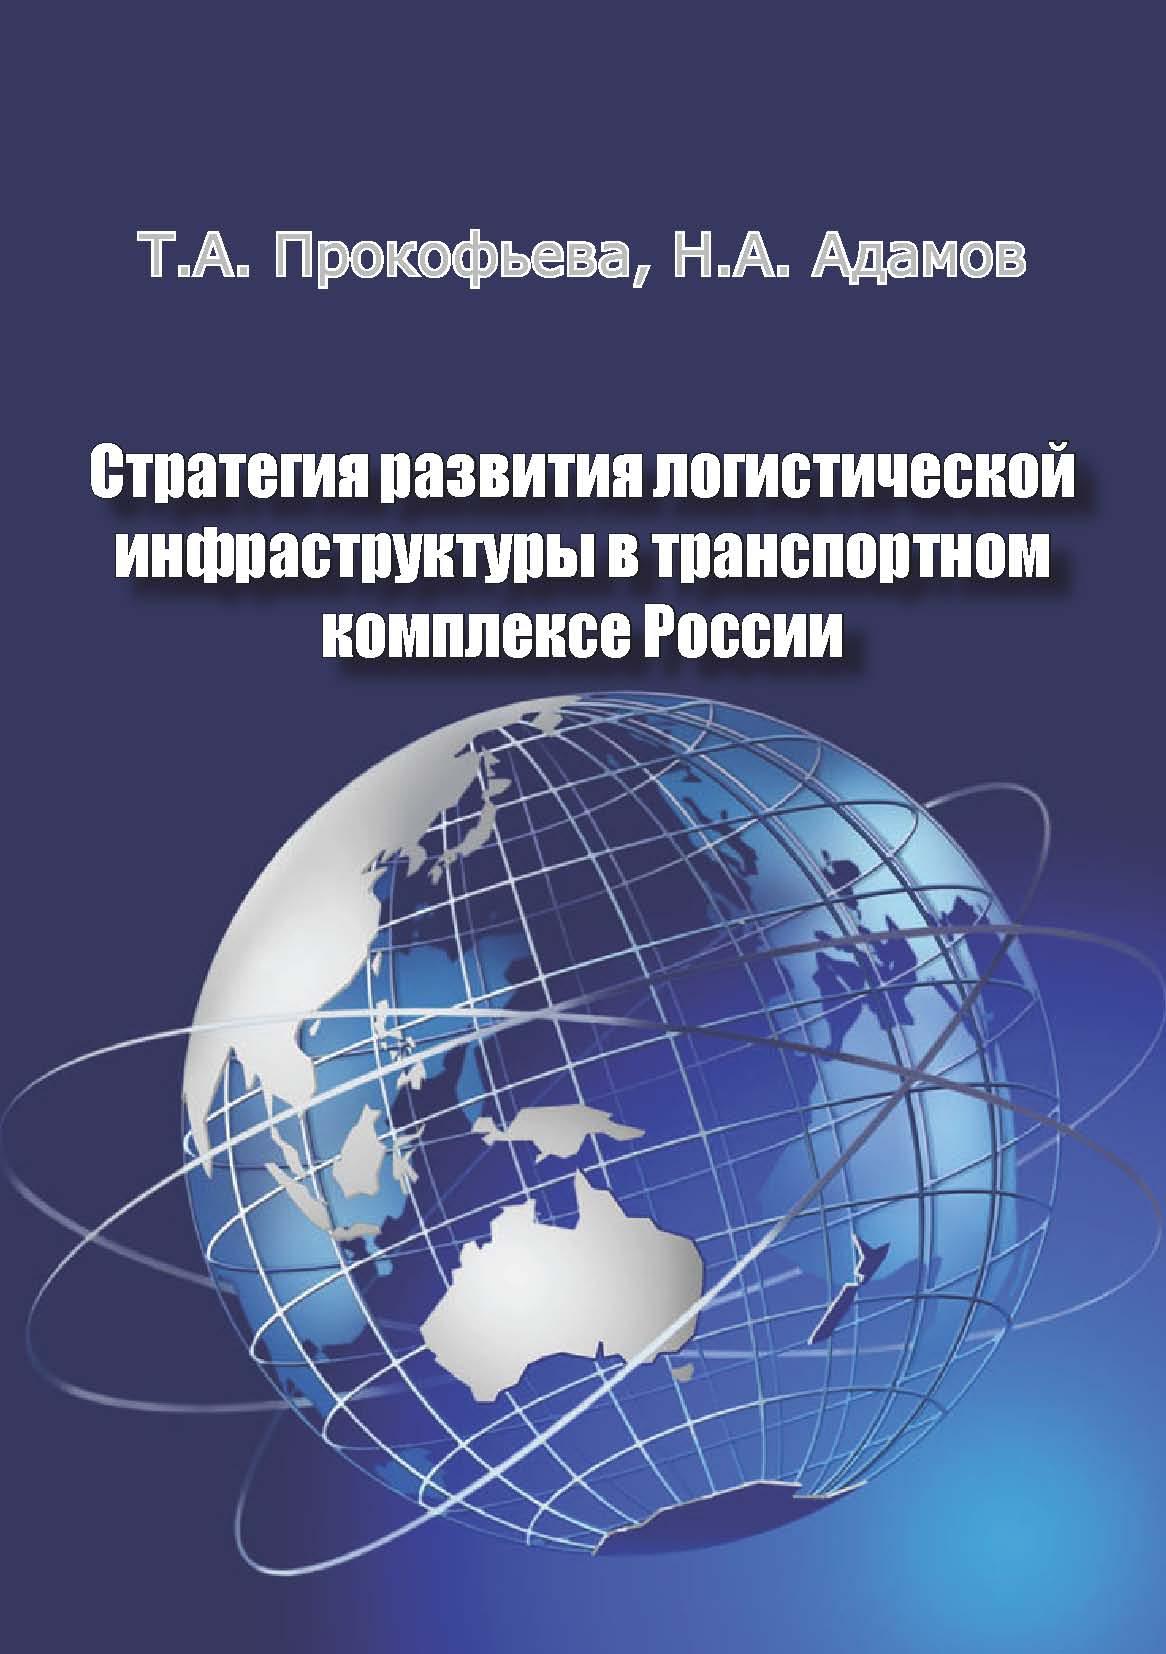 Стратегия развития логистической инфраструктуры в транспортном комплексе России